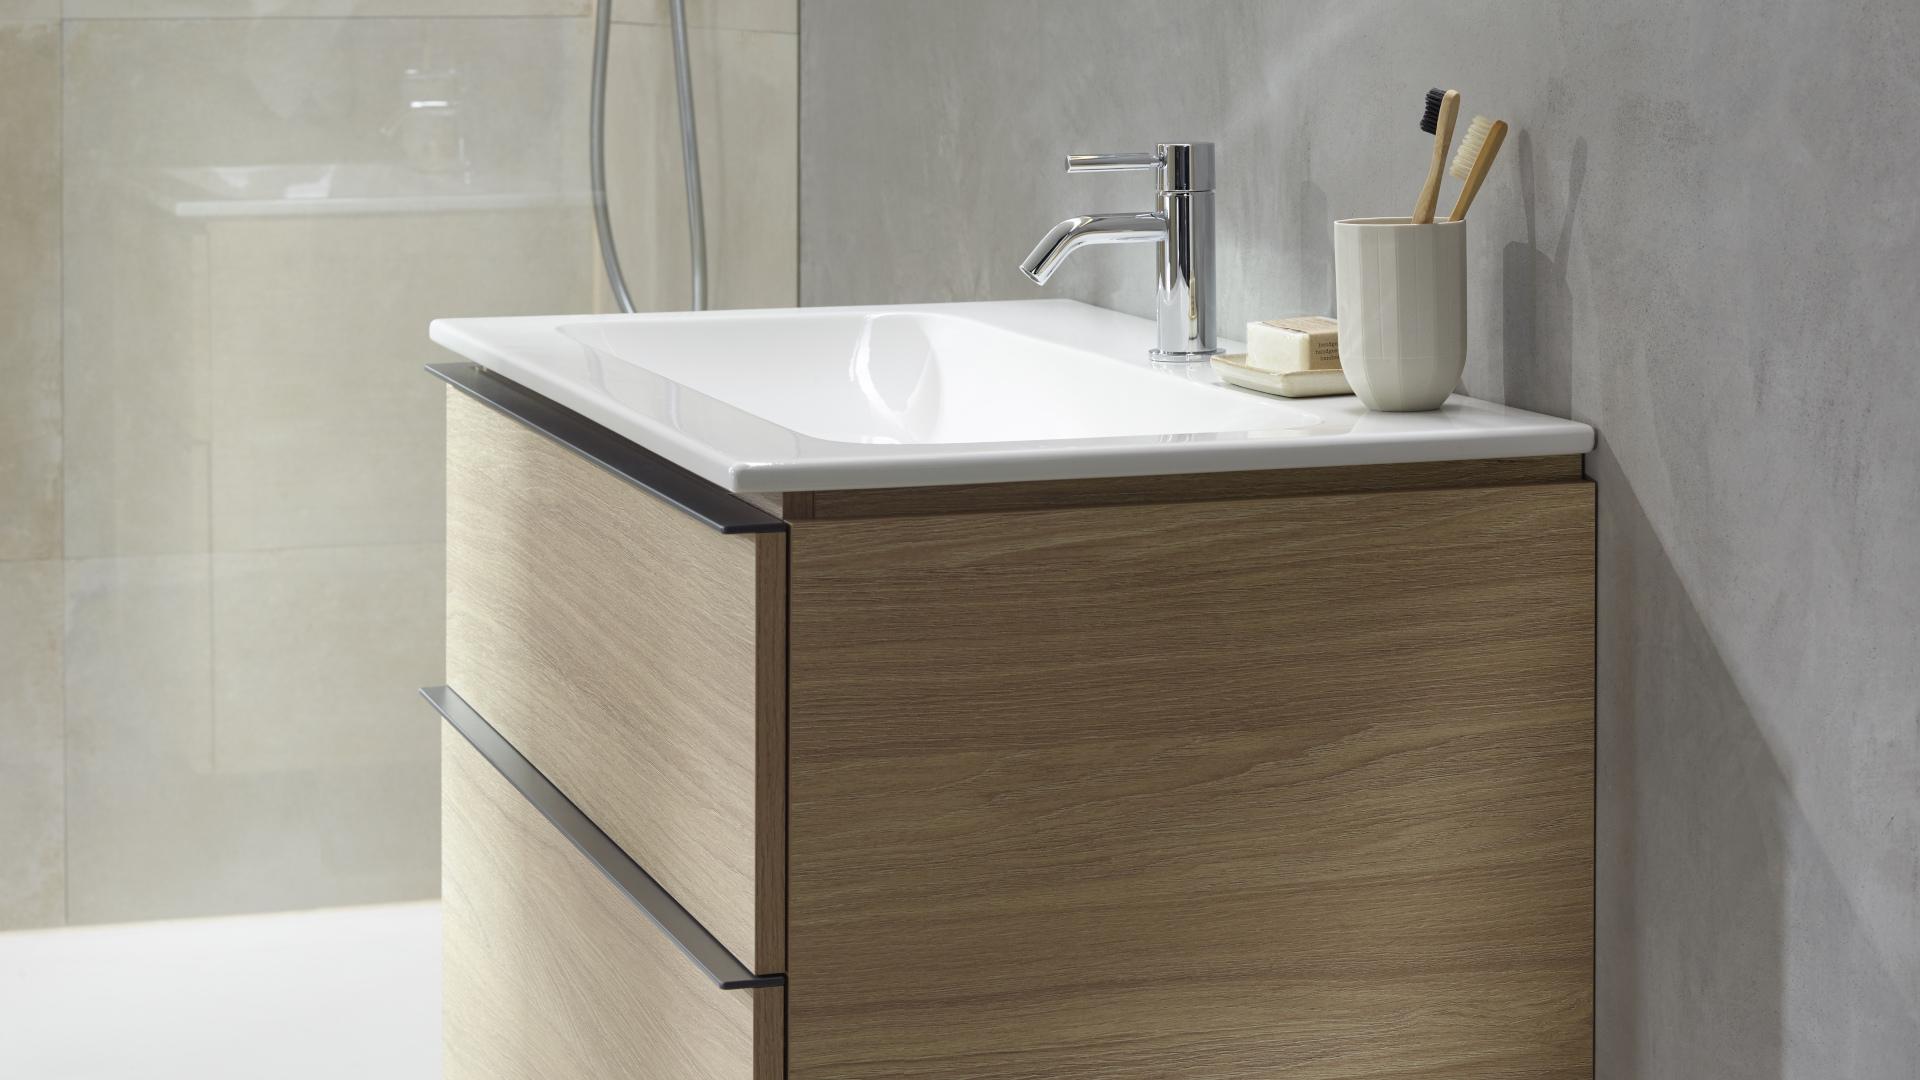 Geberit iCon -sarjan modulaarisuus tekee siitä sopivan hyvin monenlaisiin kylpyhuoneisiin tilan muodosta ja koosta riippumatta.